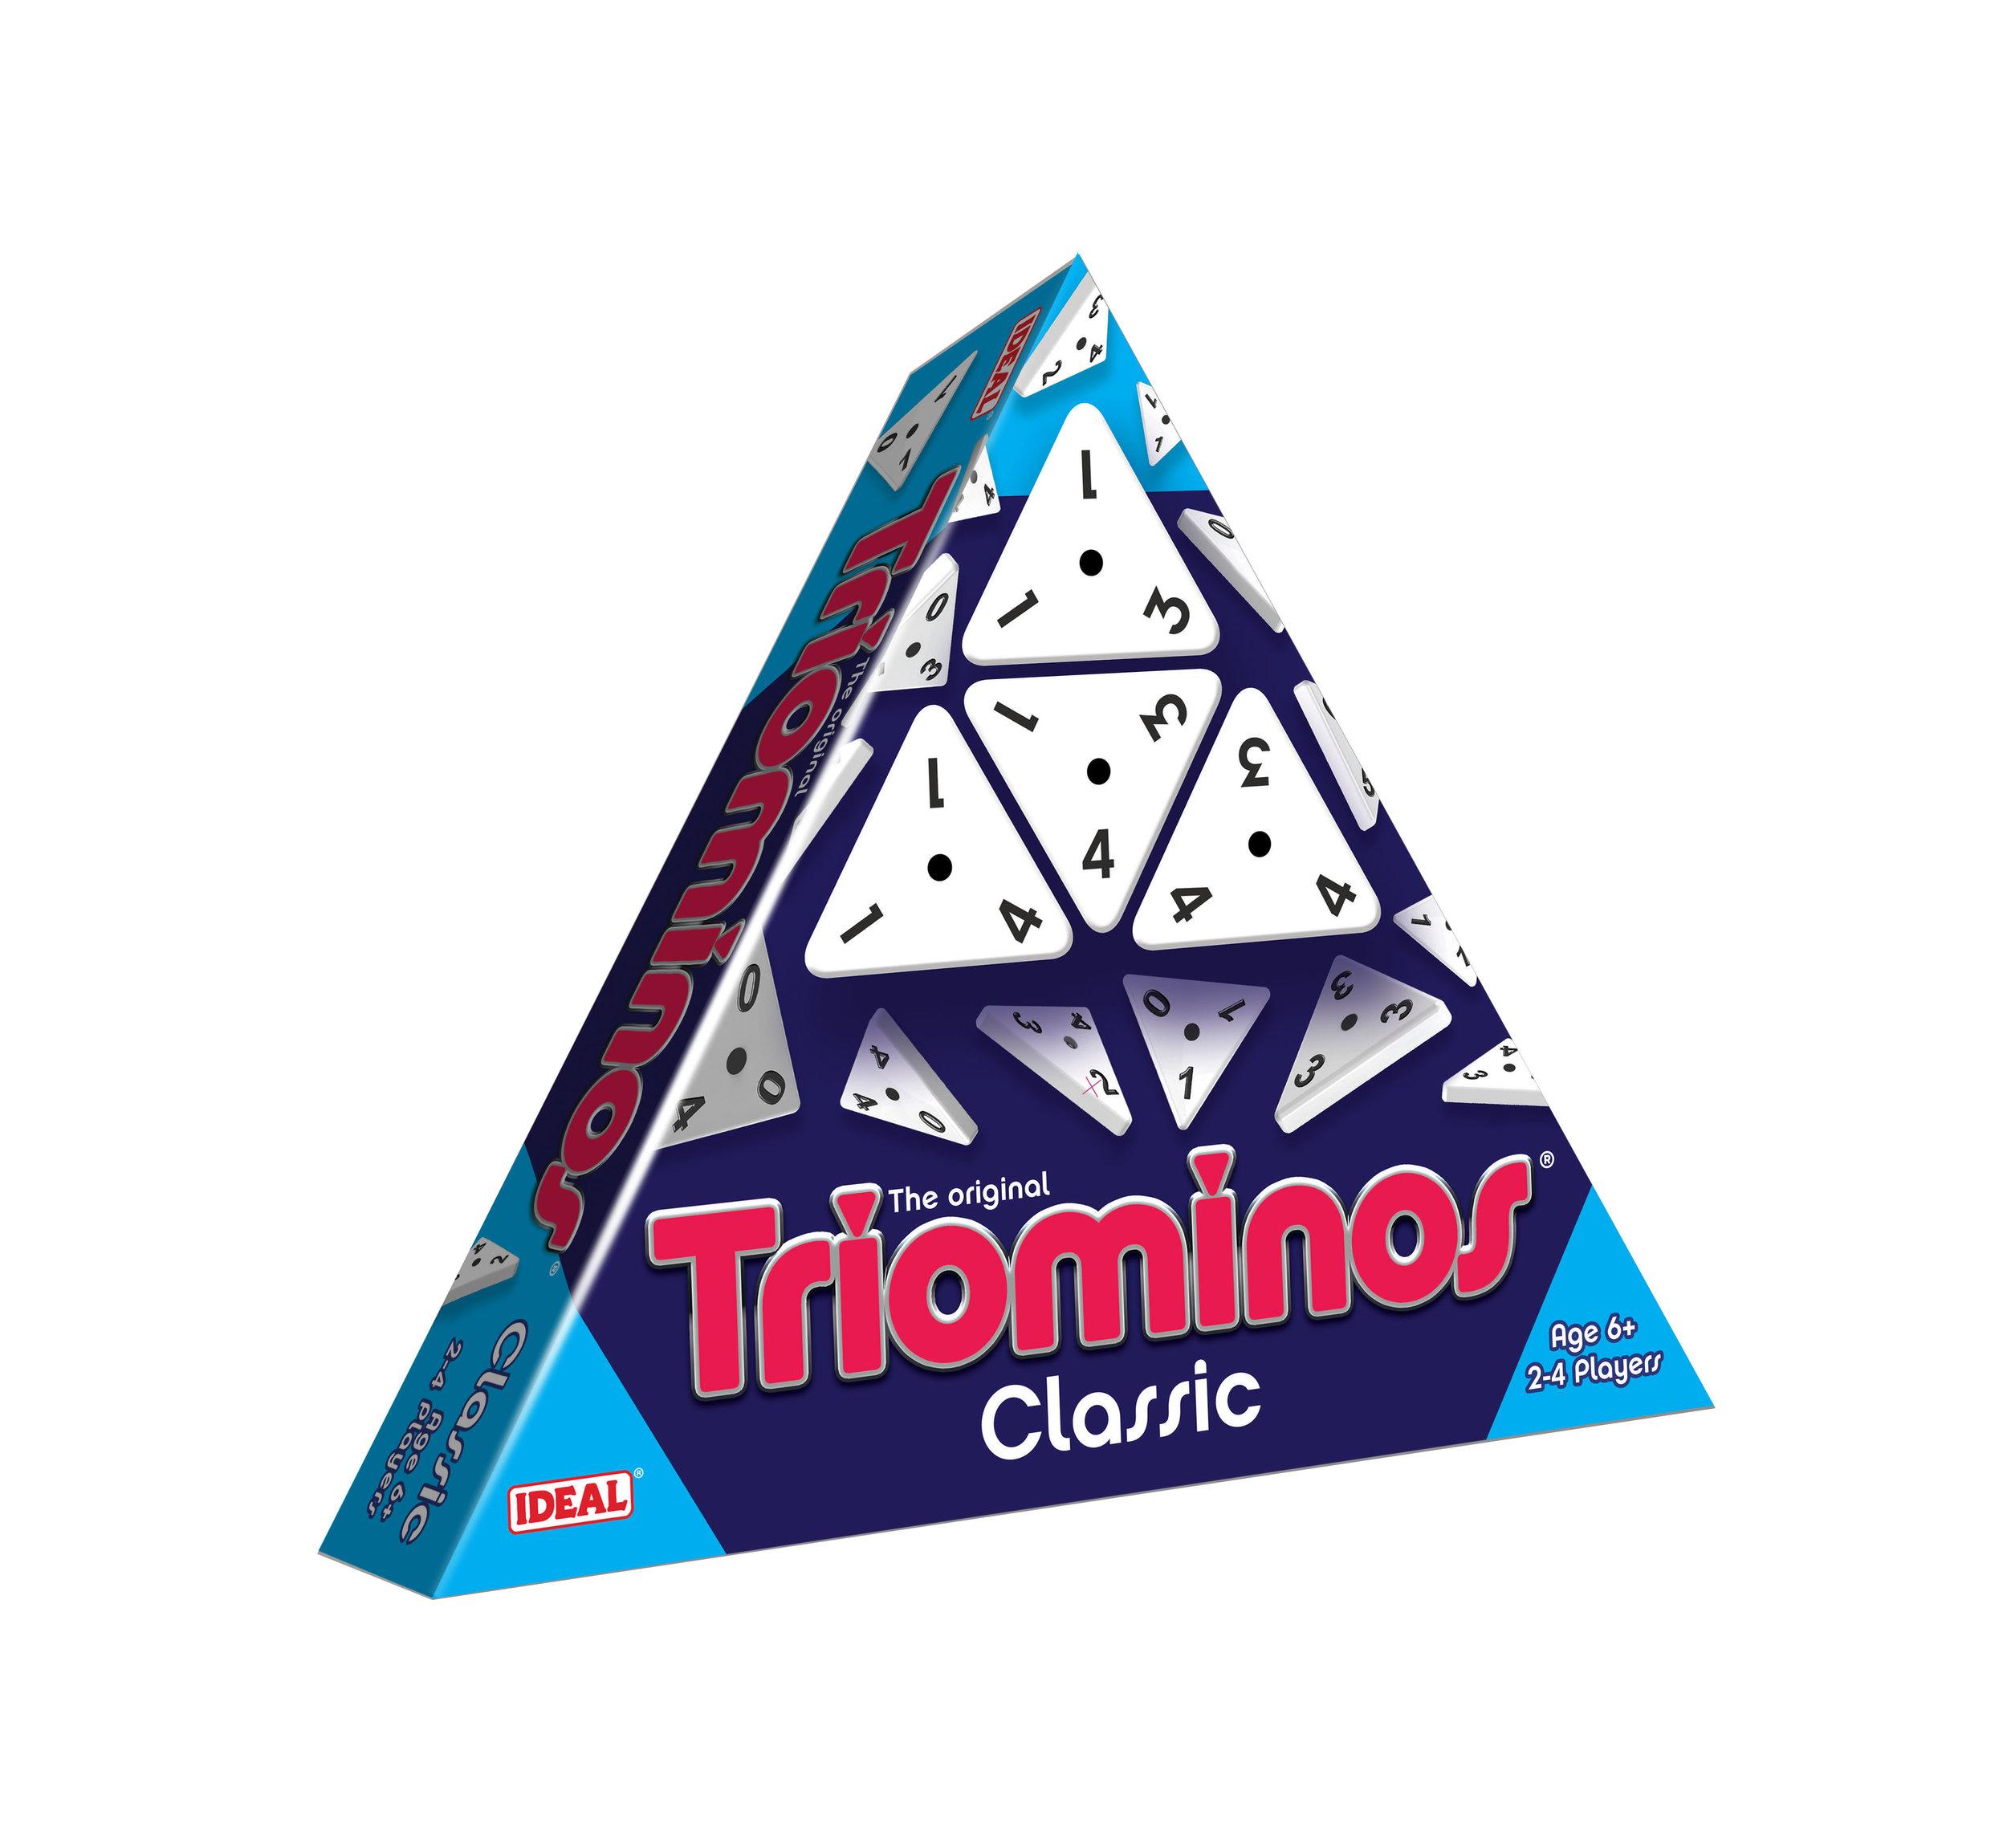 10251_02_TRIOMINOS_CLASSIC_3DBOX_LEFT.jpg